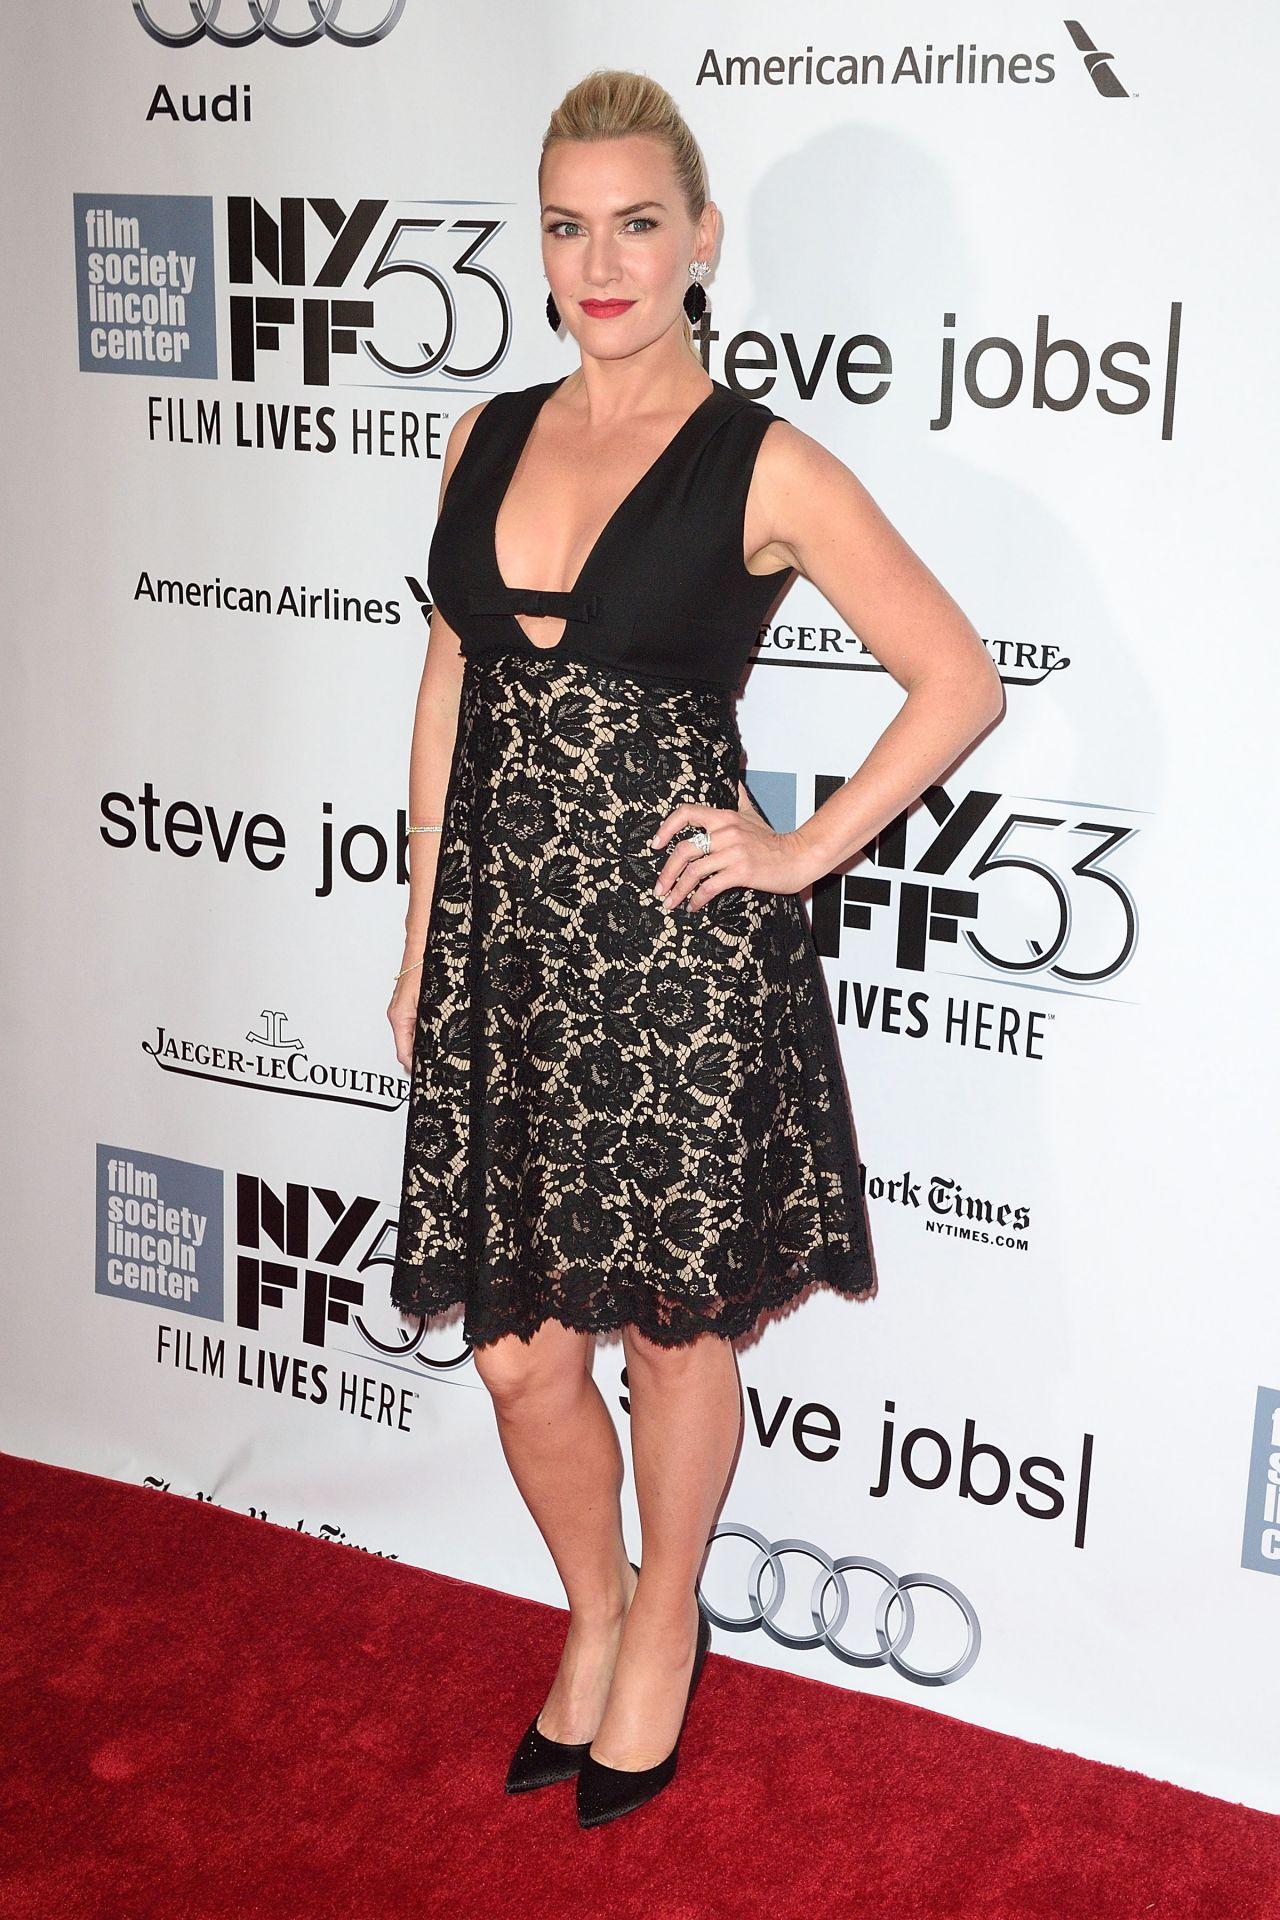 kate-winslet-steve-jobs-premiere-53rd-new-york-film-festival_3